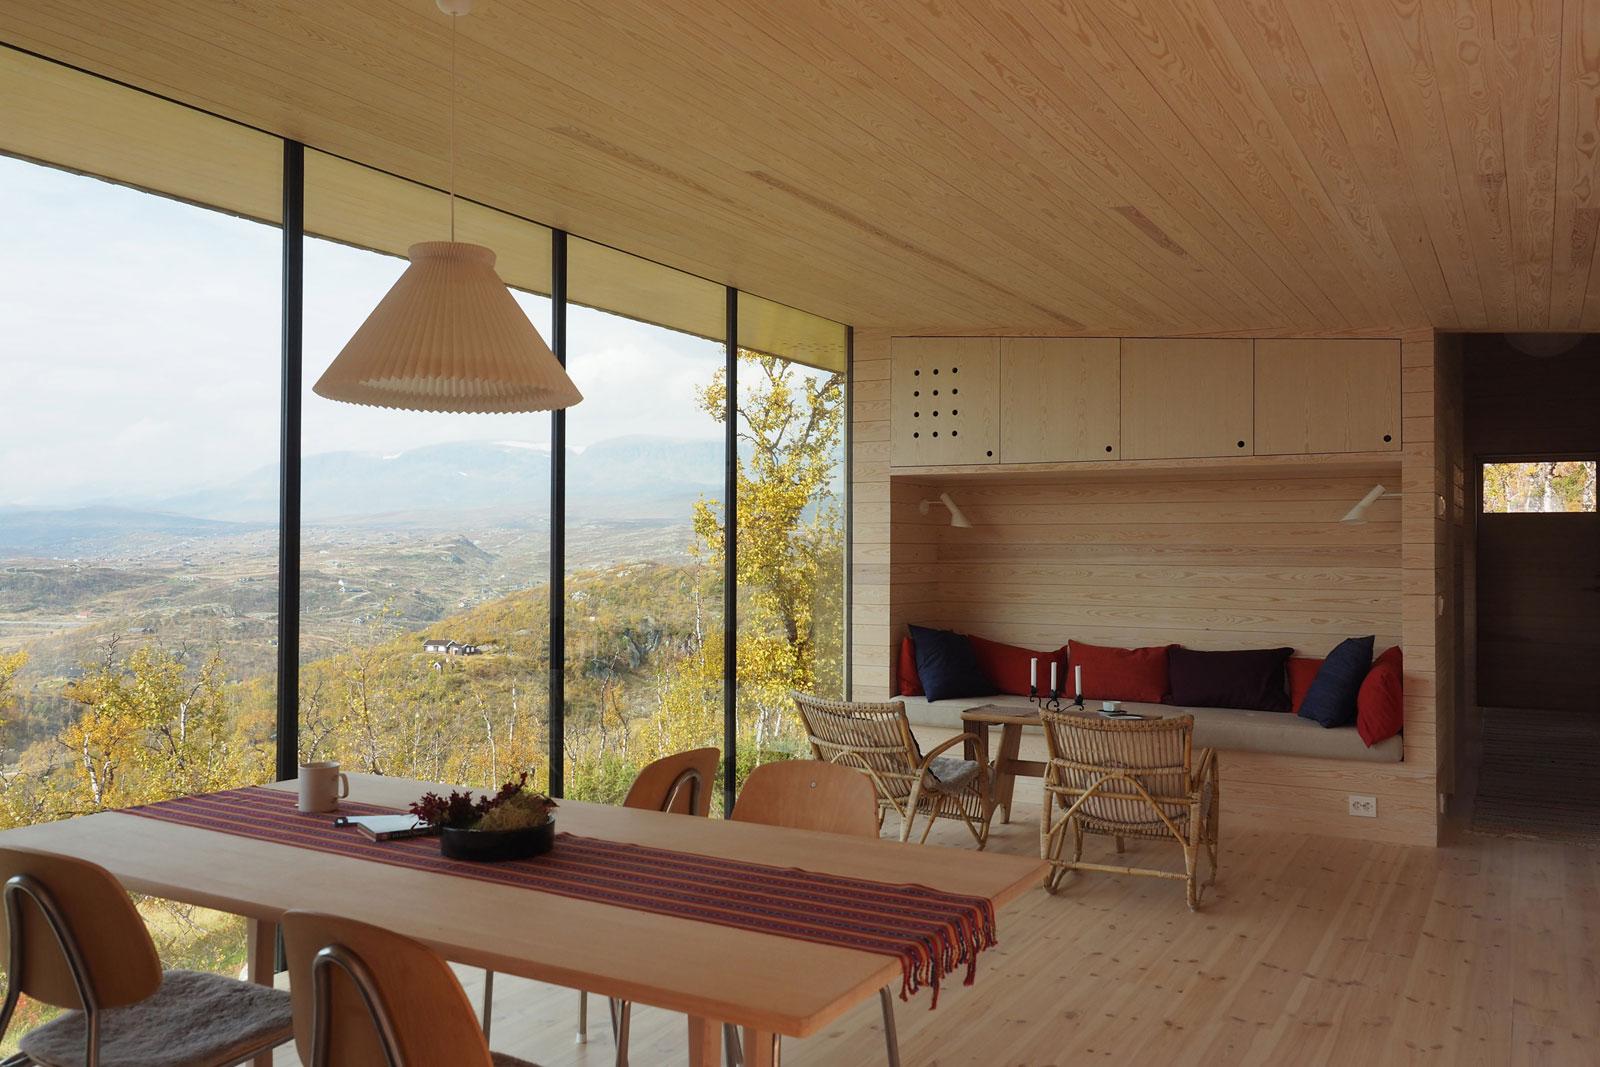 cabin-jon-danielsen-aarhus-architecture-residential-norway_dezeen_2364_col_0